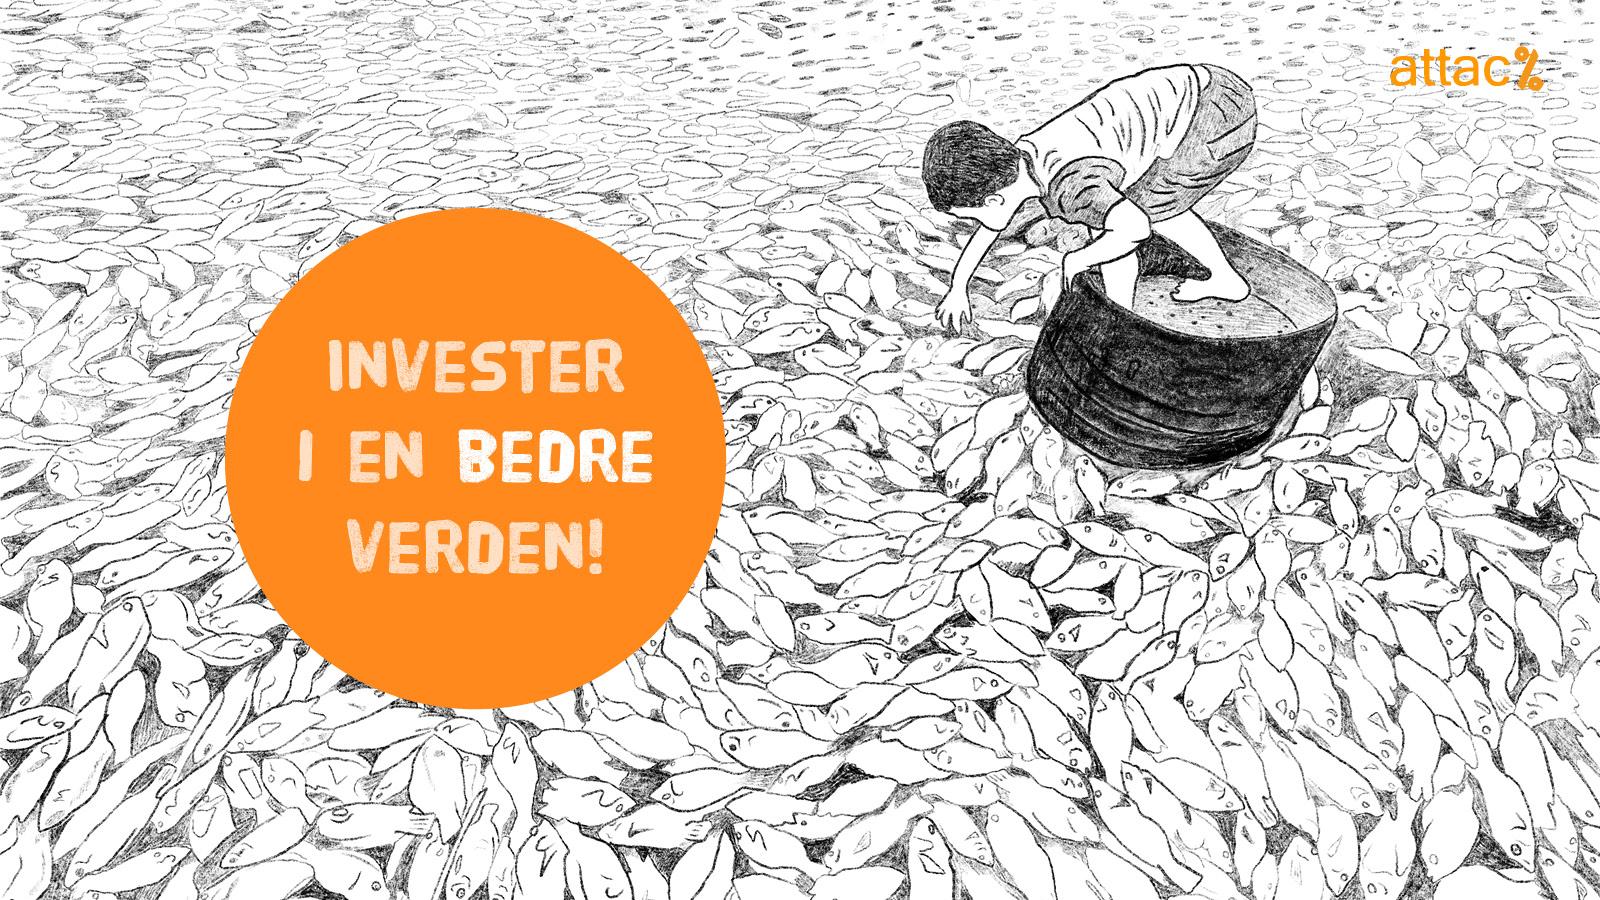 Logo: Invester i en bedre verden | Tegning: gutt som plukker døde fisker fra vannet